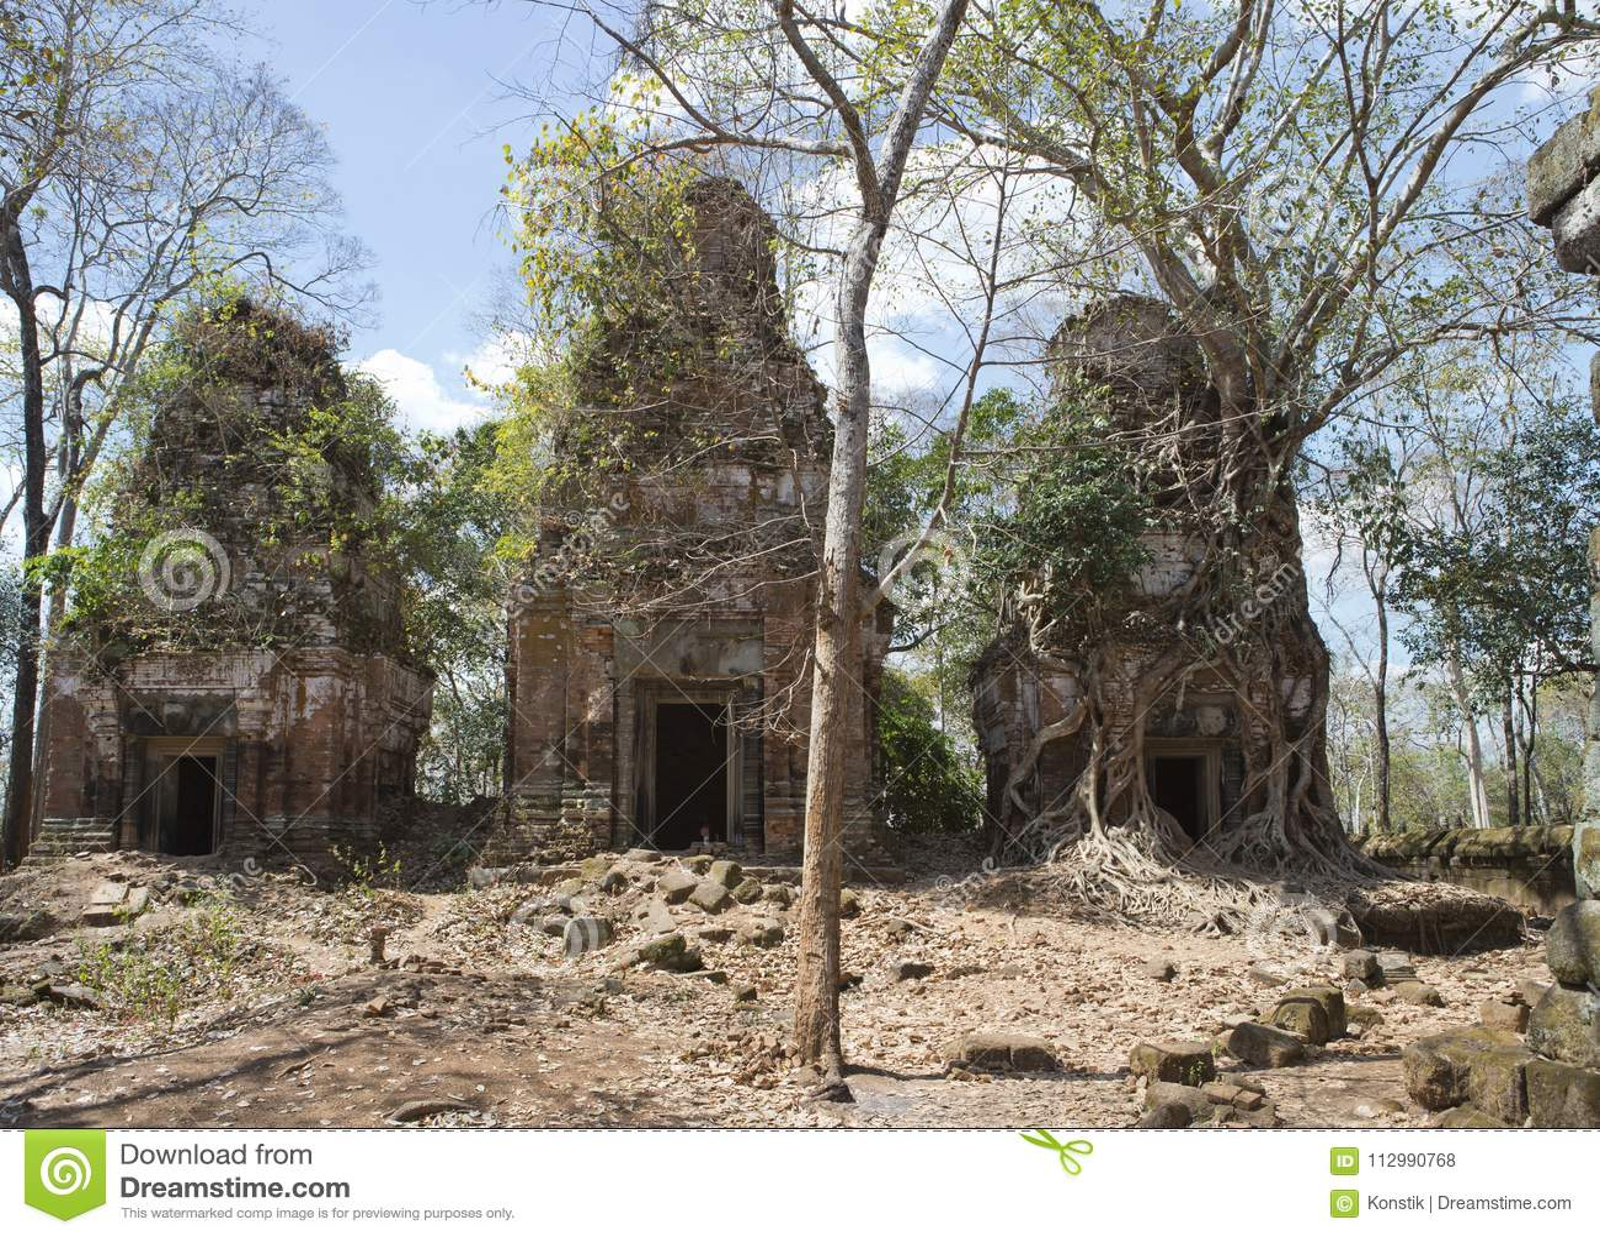 Prasat Chrap ruin, Koh Ker temple complex, Cambodia